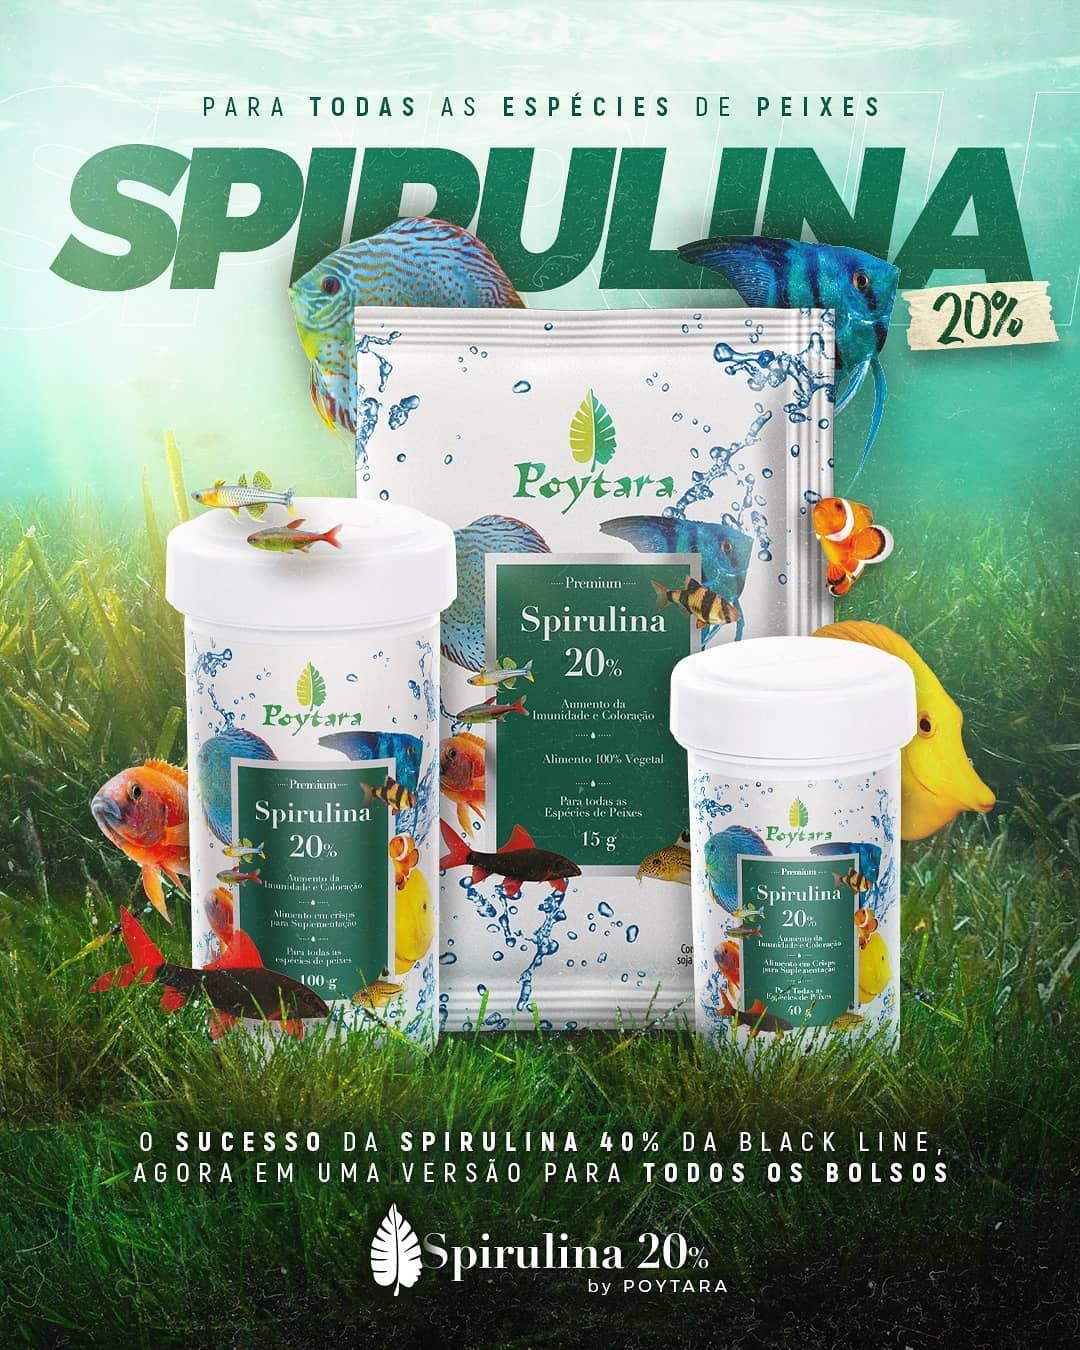 Imagem para Novo produto Spirulina 20%